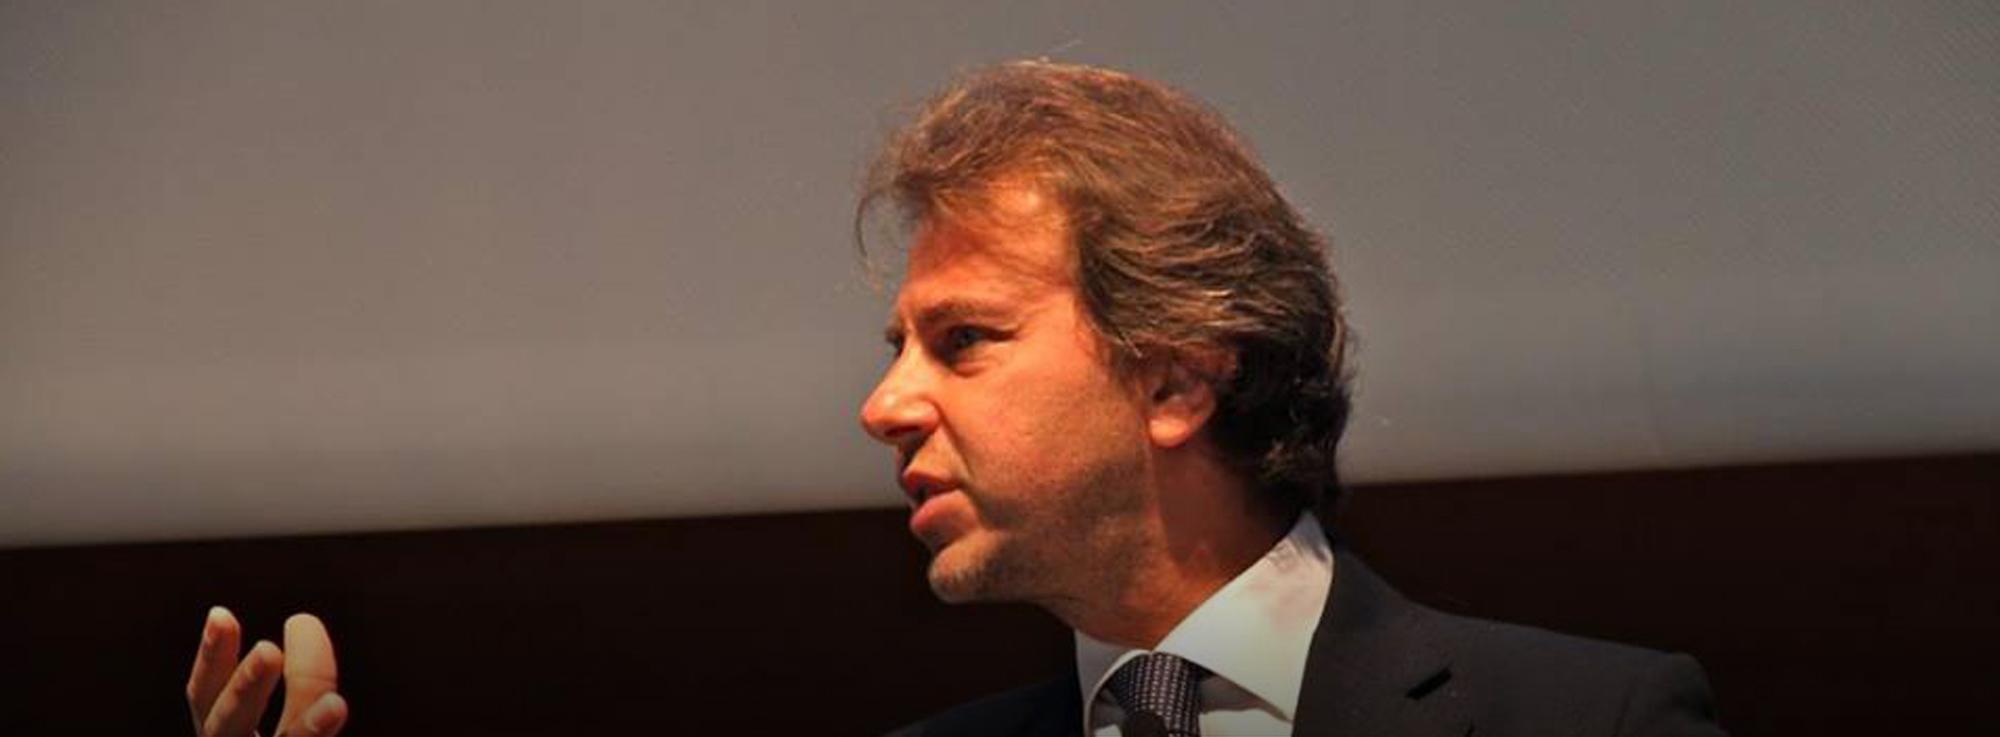 Barletta: Presentazione del libro Alto volume. Politica, comunicazione e marketing di Francesco Giorgino